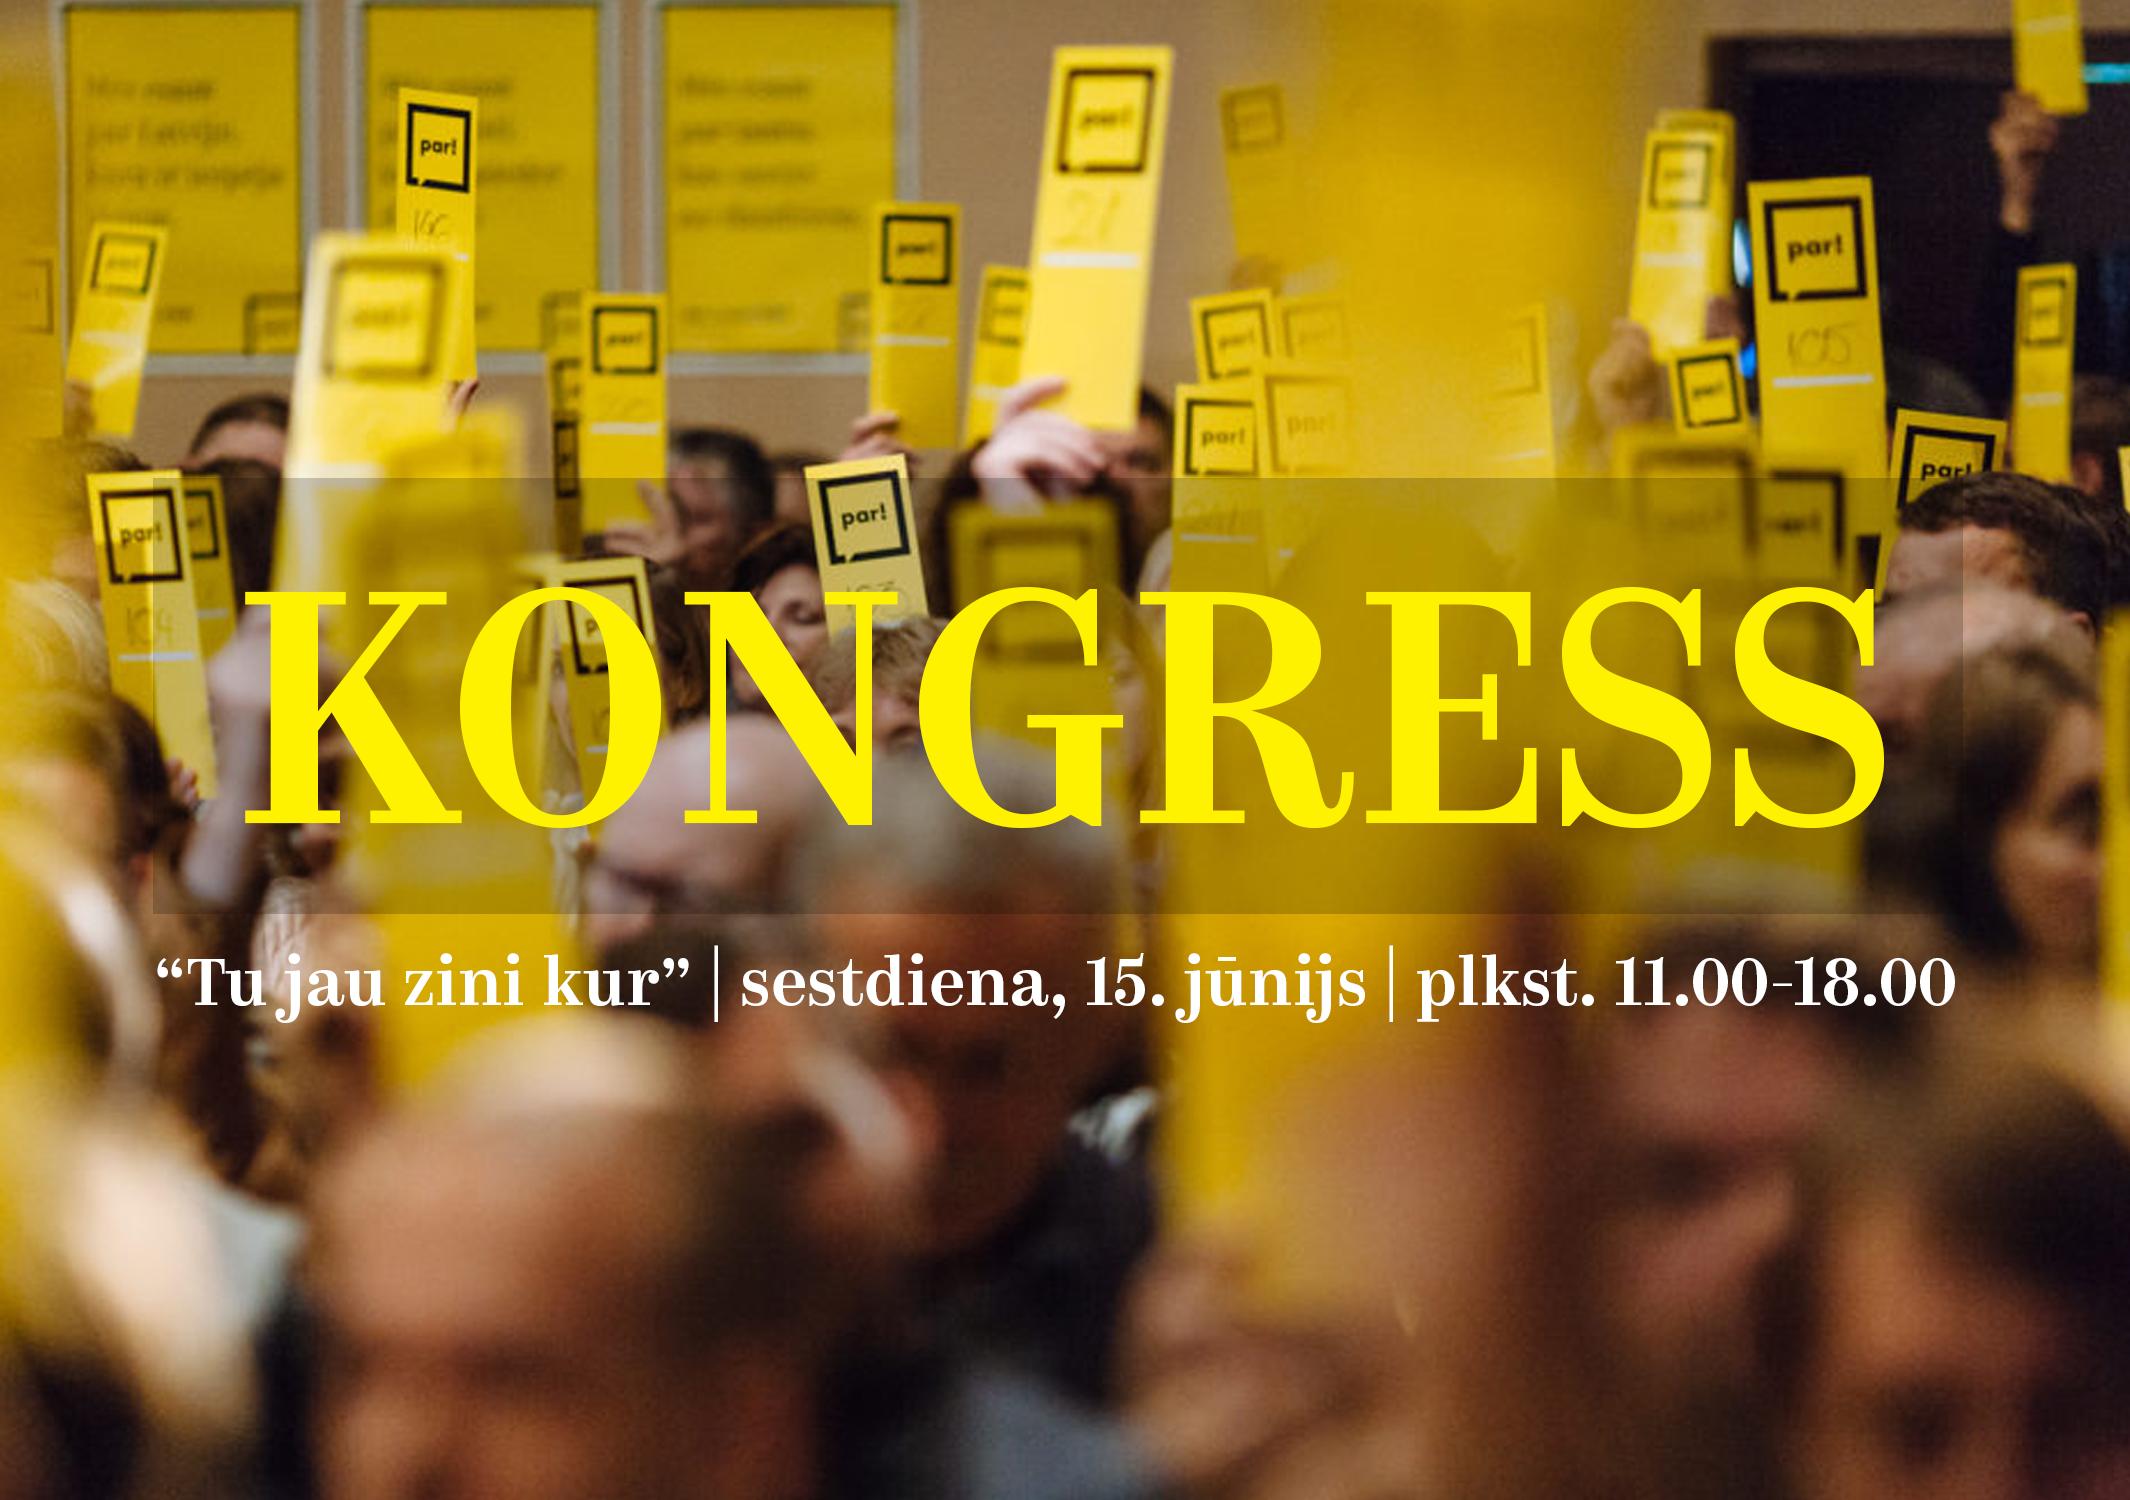 """Kustība """"Par!"""" partijas kongresā 15. jūnijā ievēlēs jaunu valdi"""